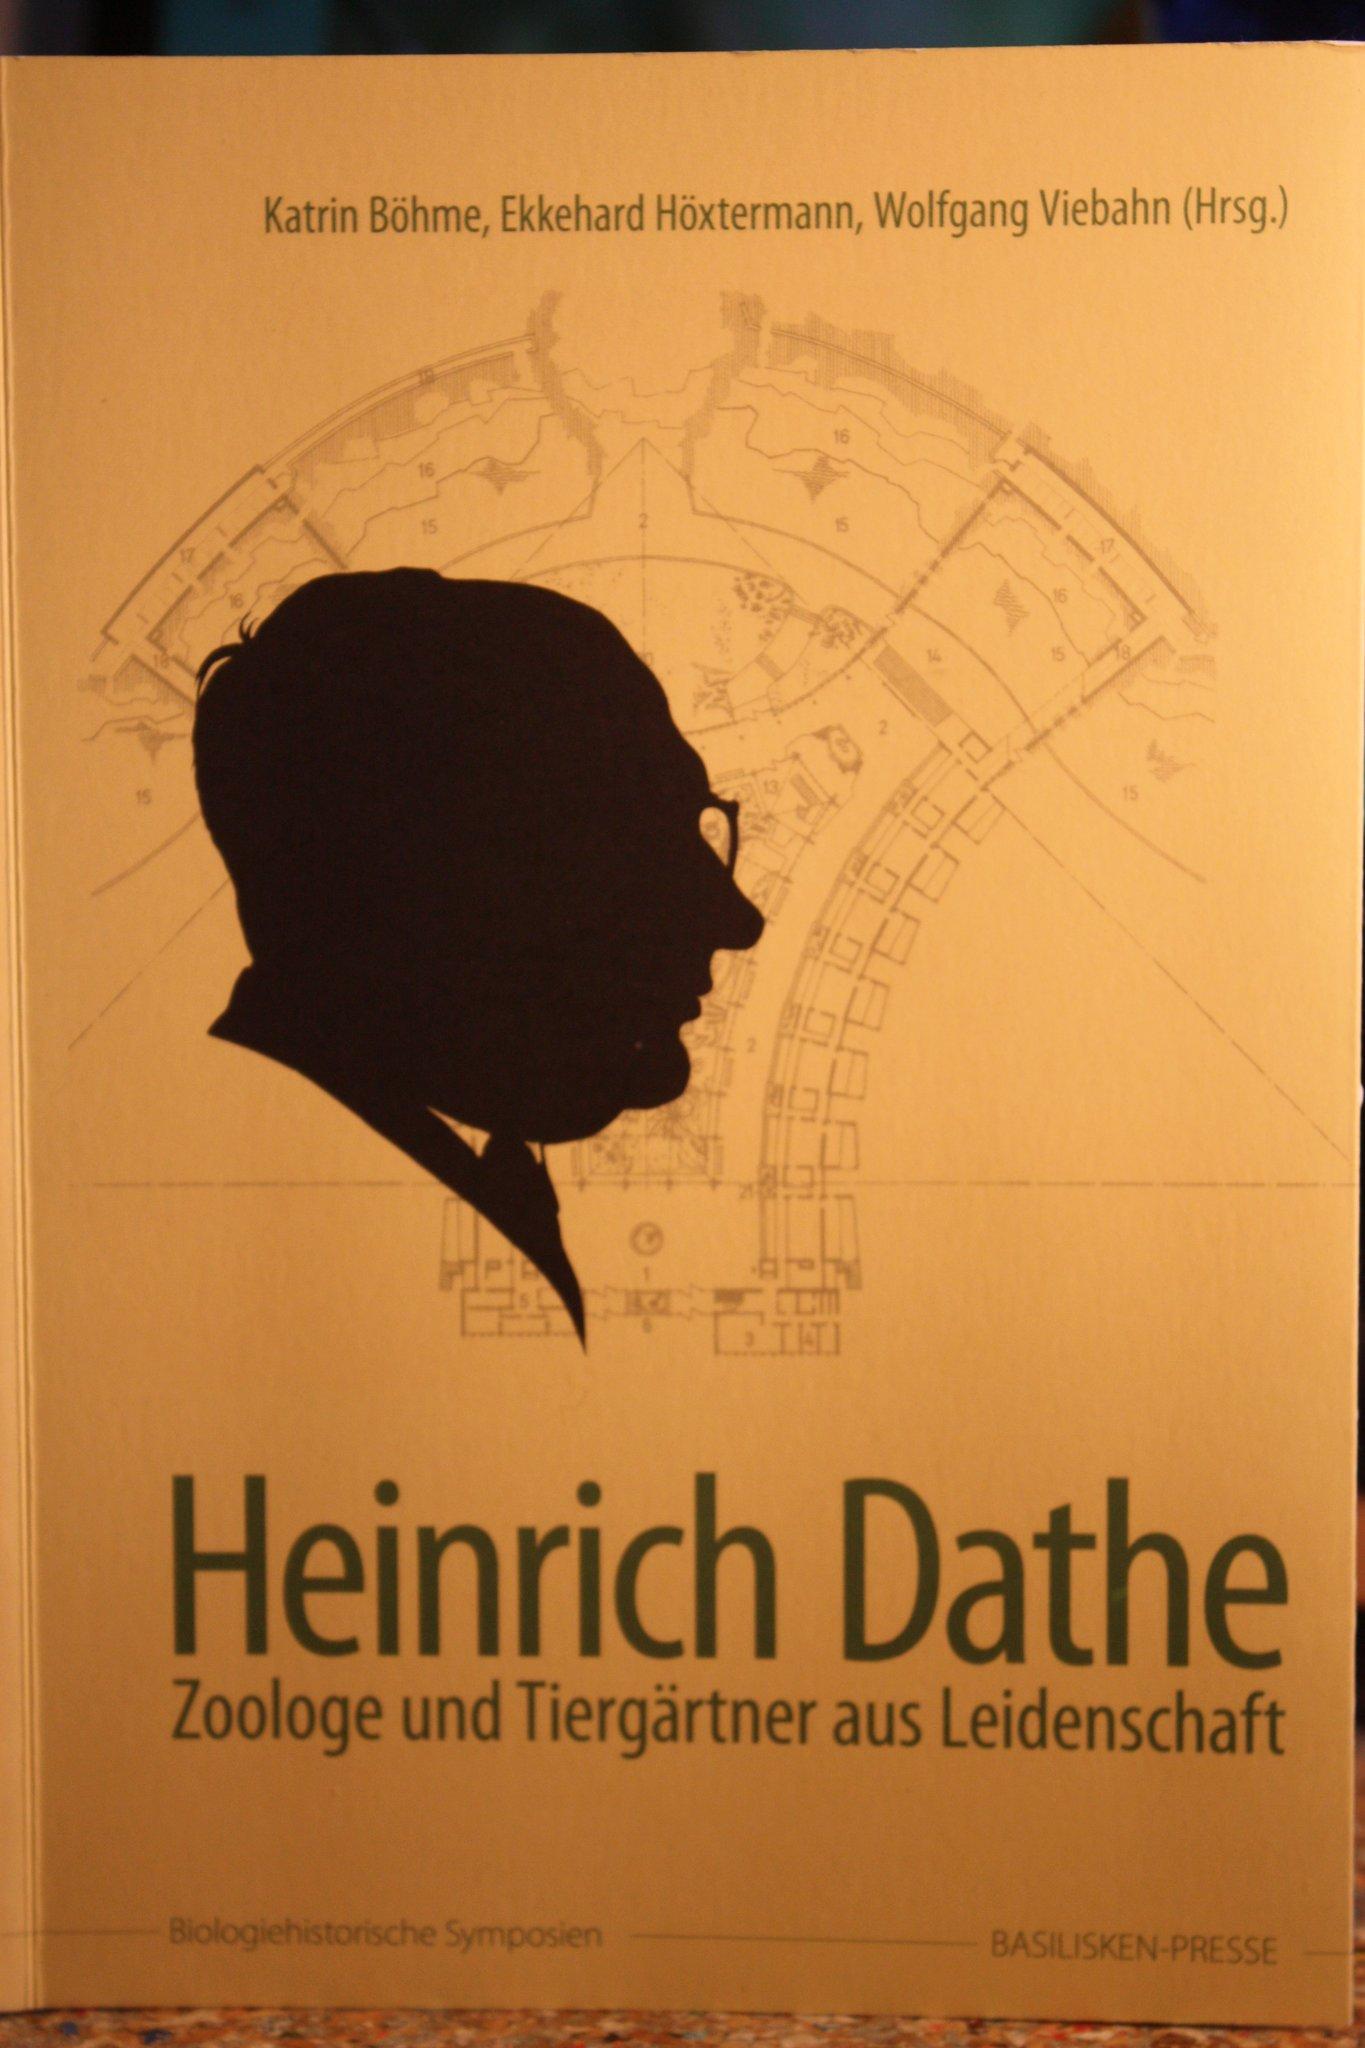 Buch über Tierparkgründer Heinrich Dathe Erschienen Friedrichsfelde